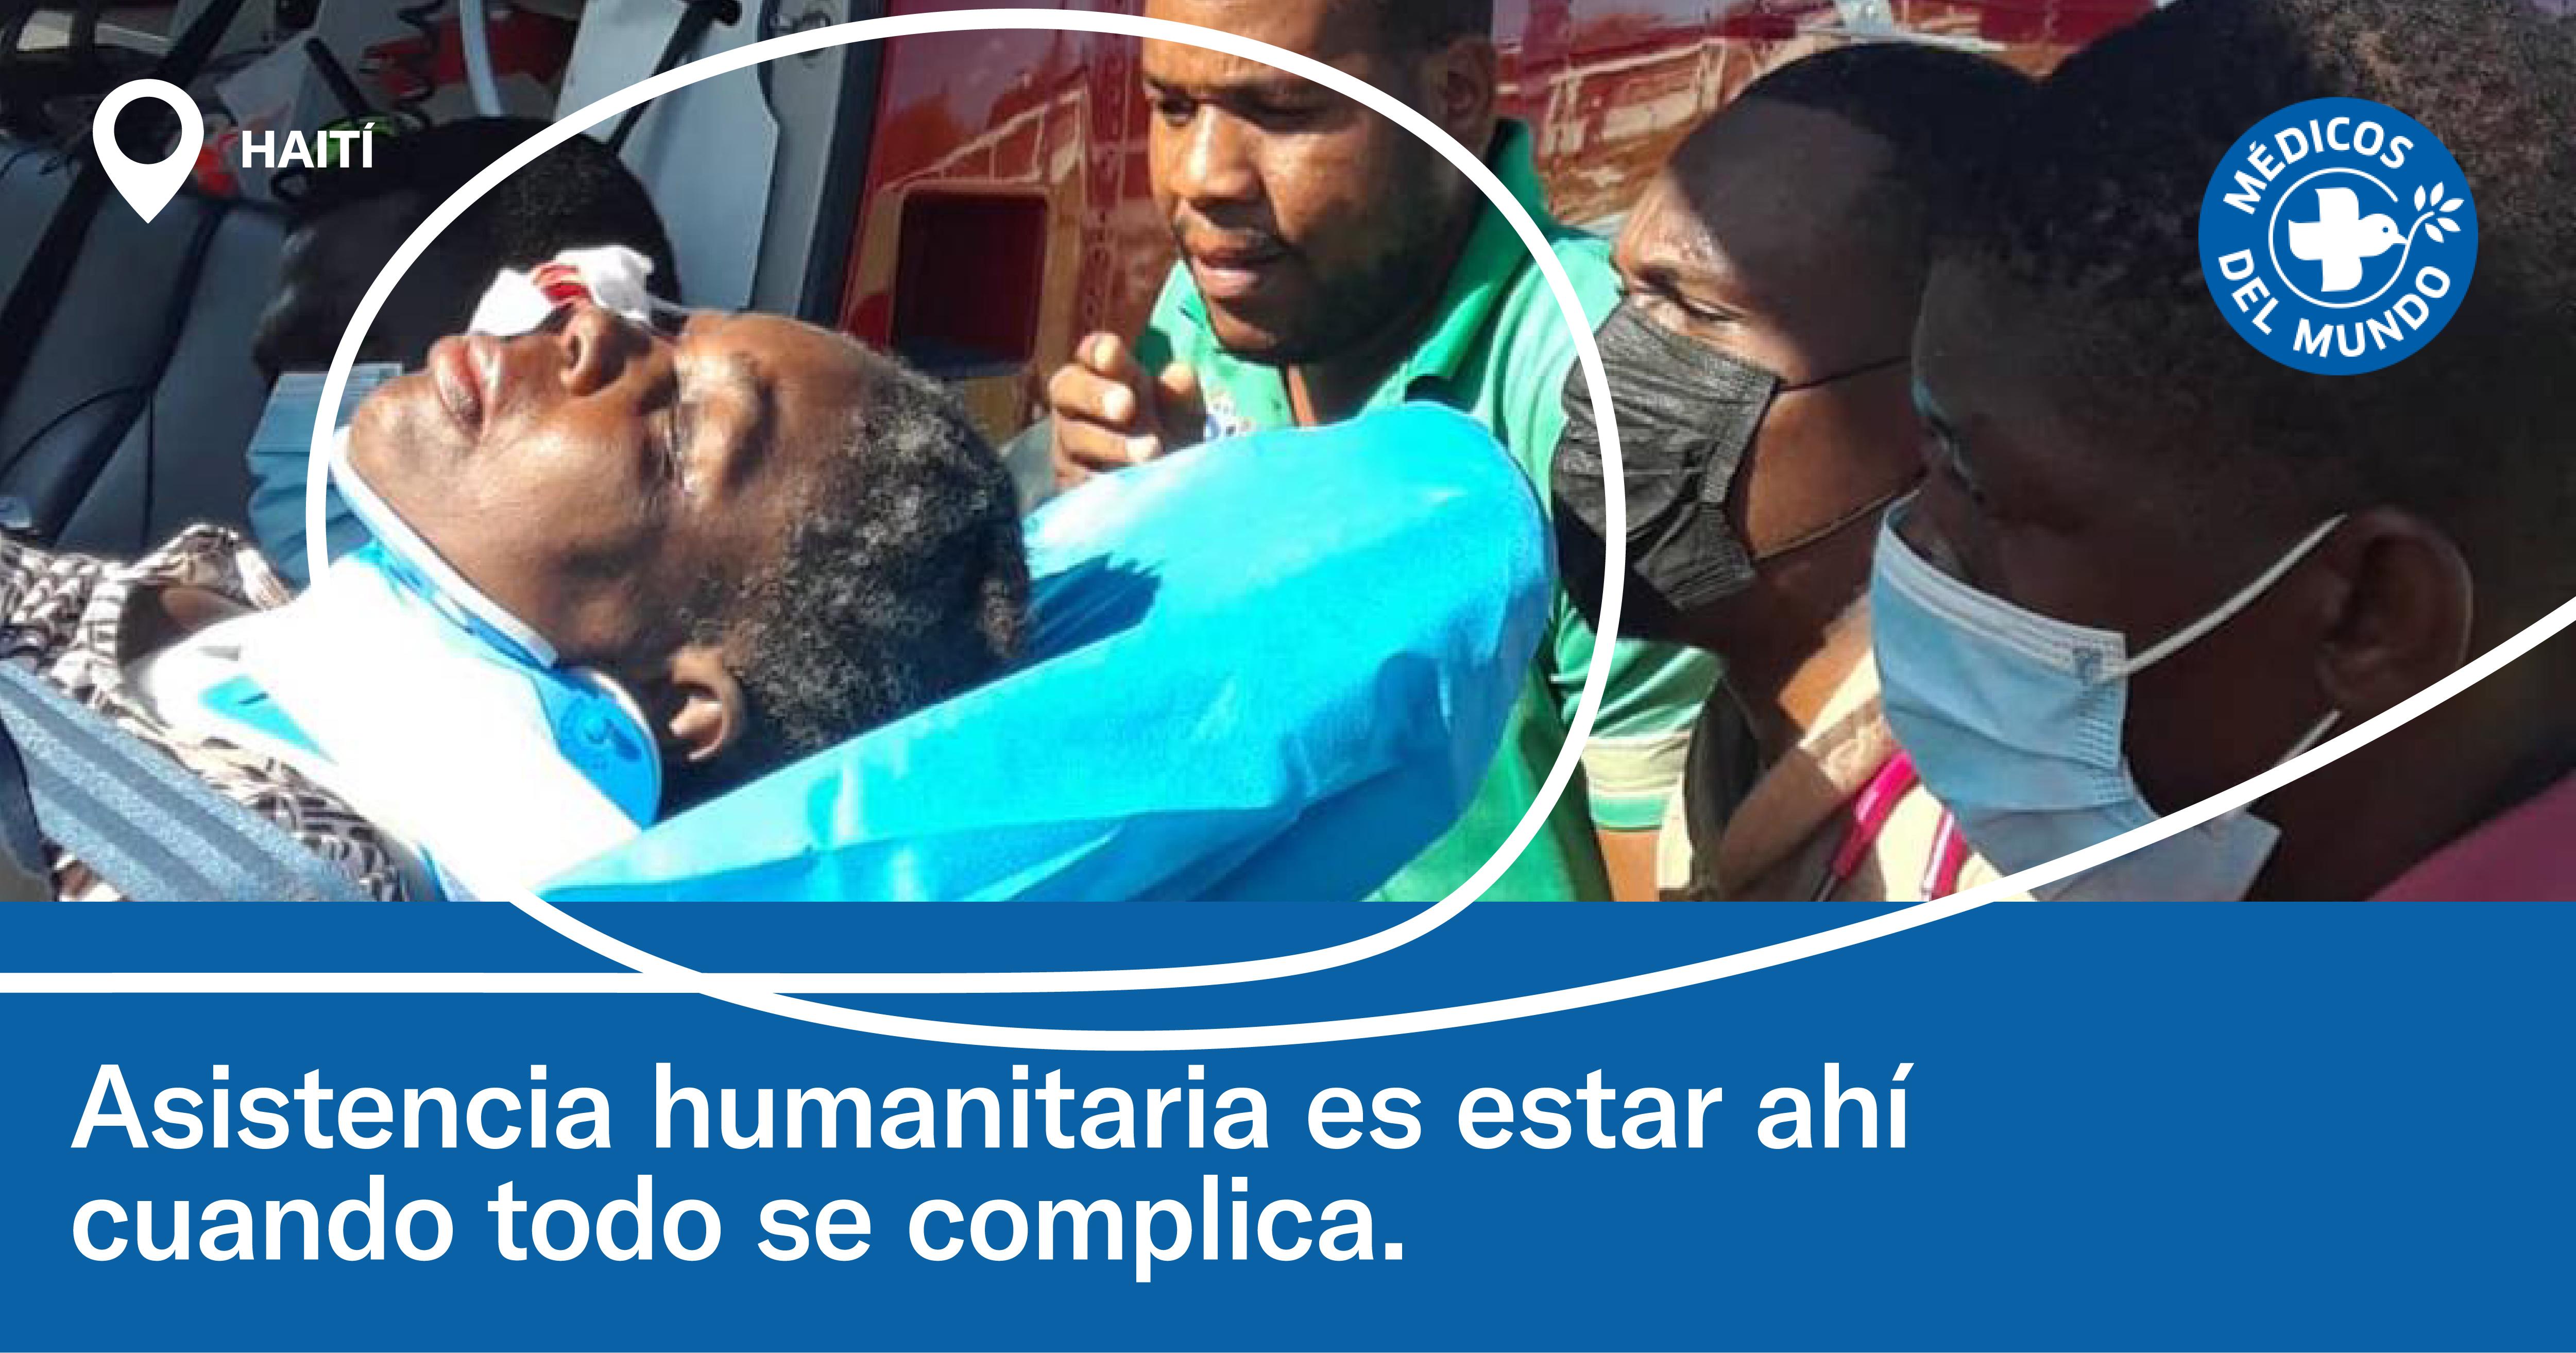 Asistencia humanitaria en el terremoto de Haití del 14 de agosto de 2021. ©Médicos del Mundo Canadá